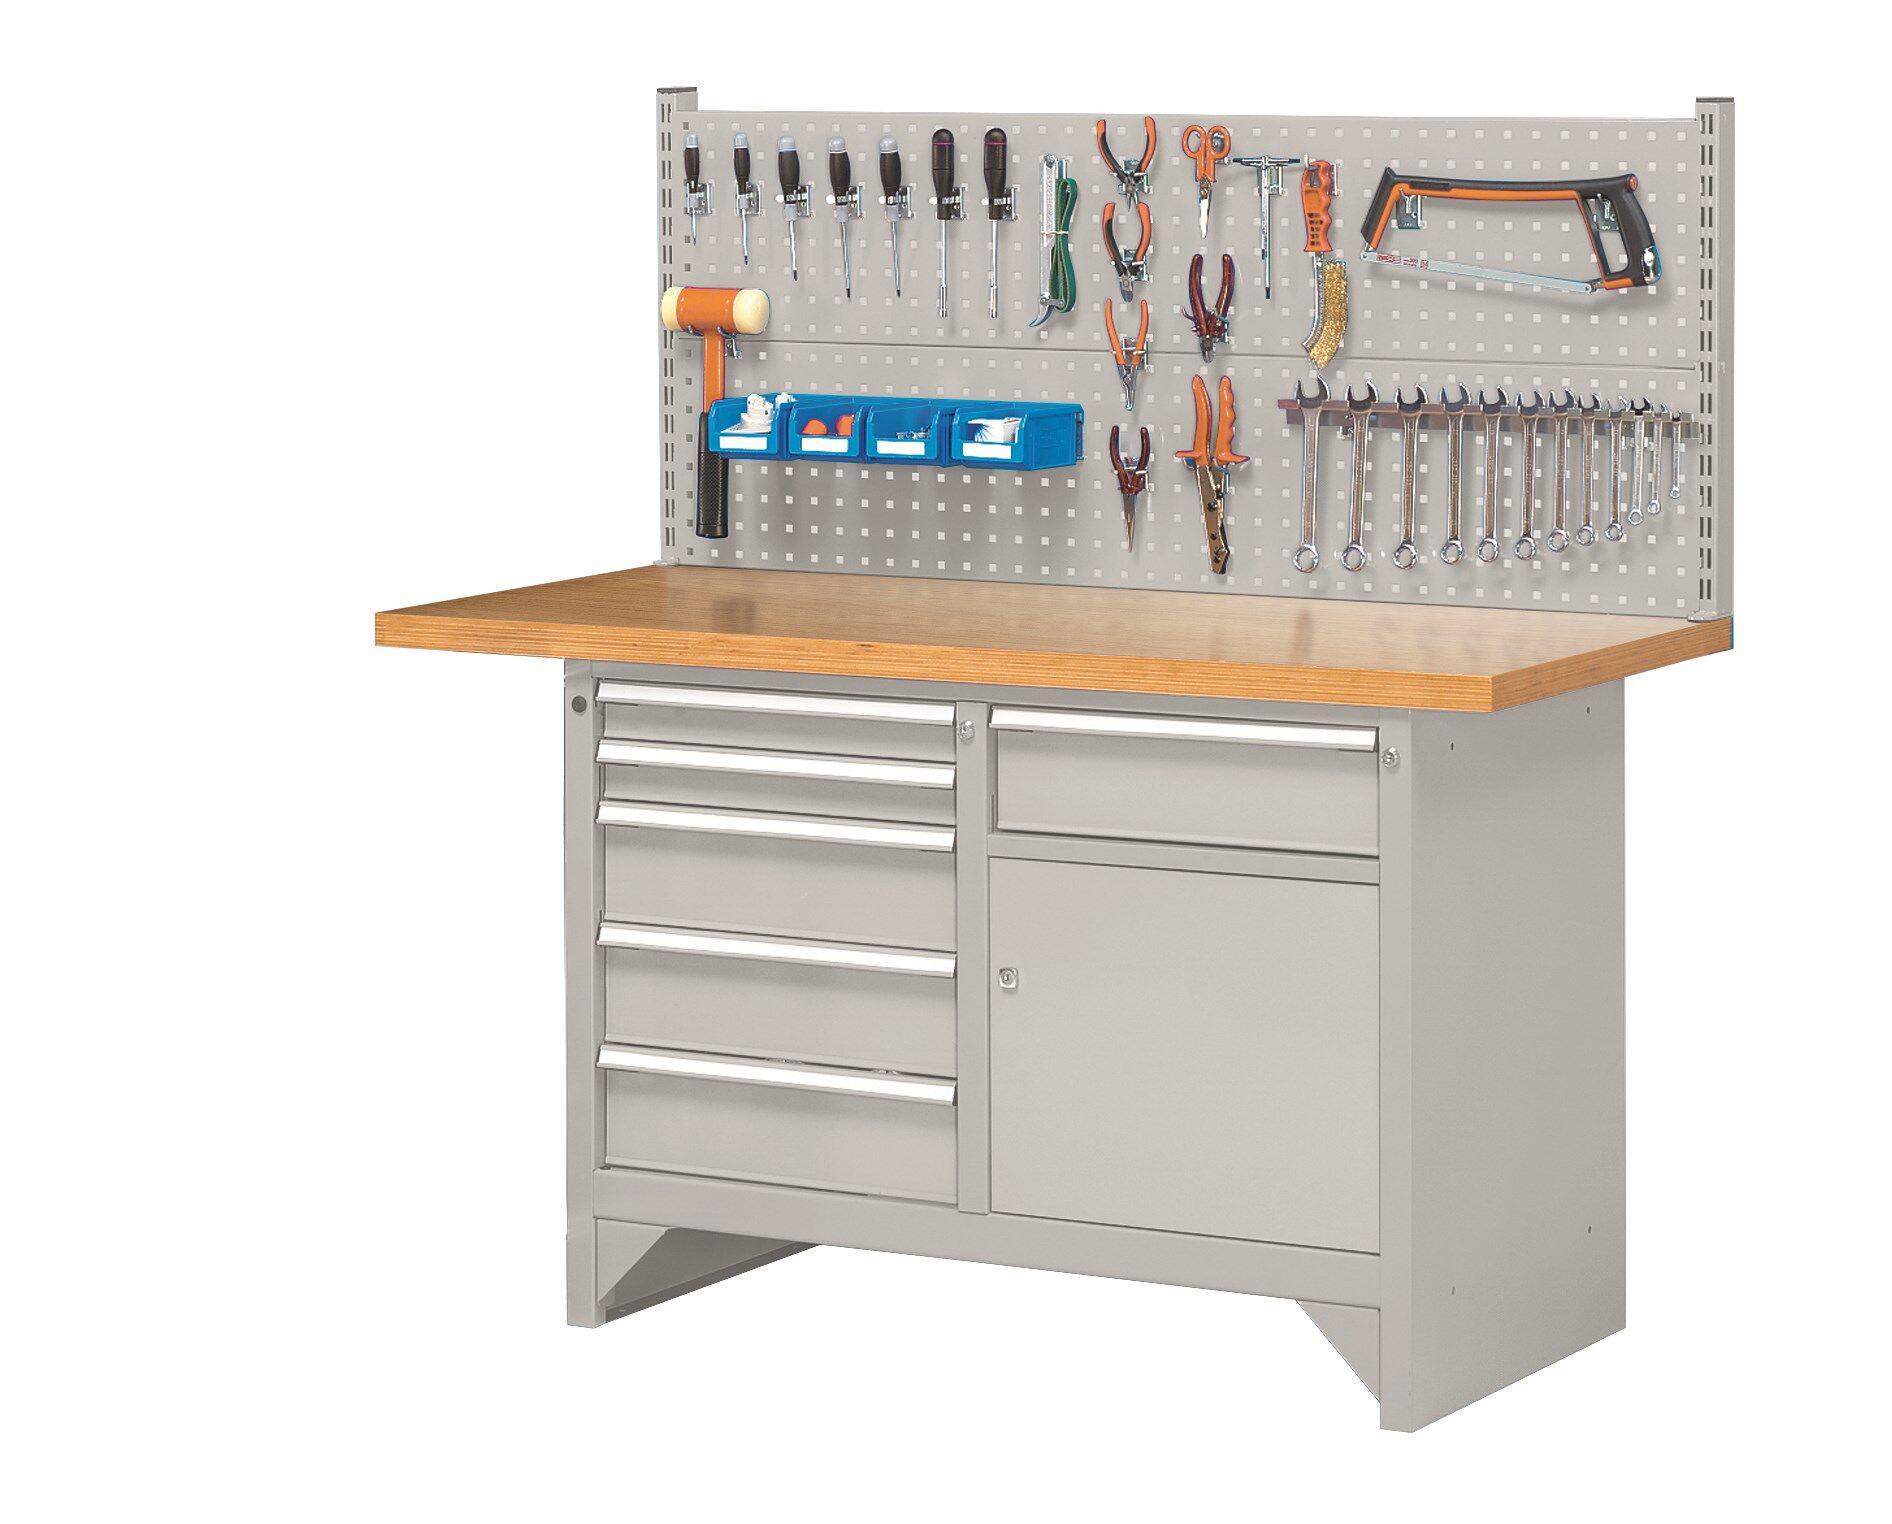 SETAM Etabli métallique d'atelier avec panneau porte-outils